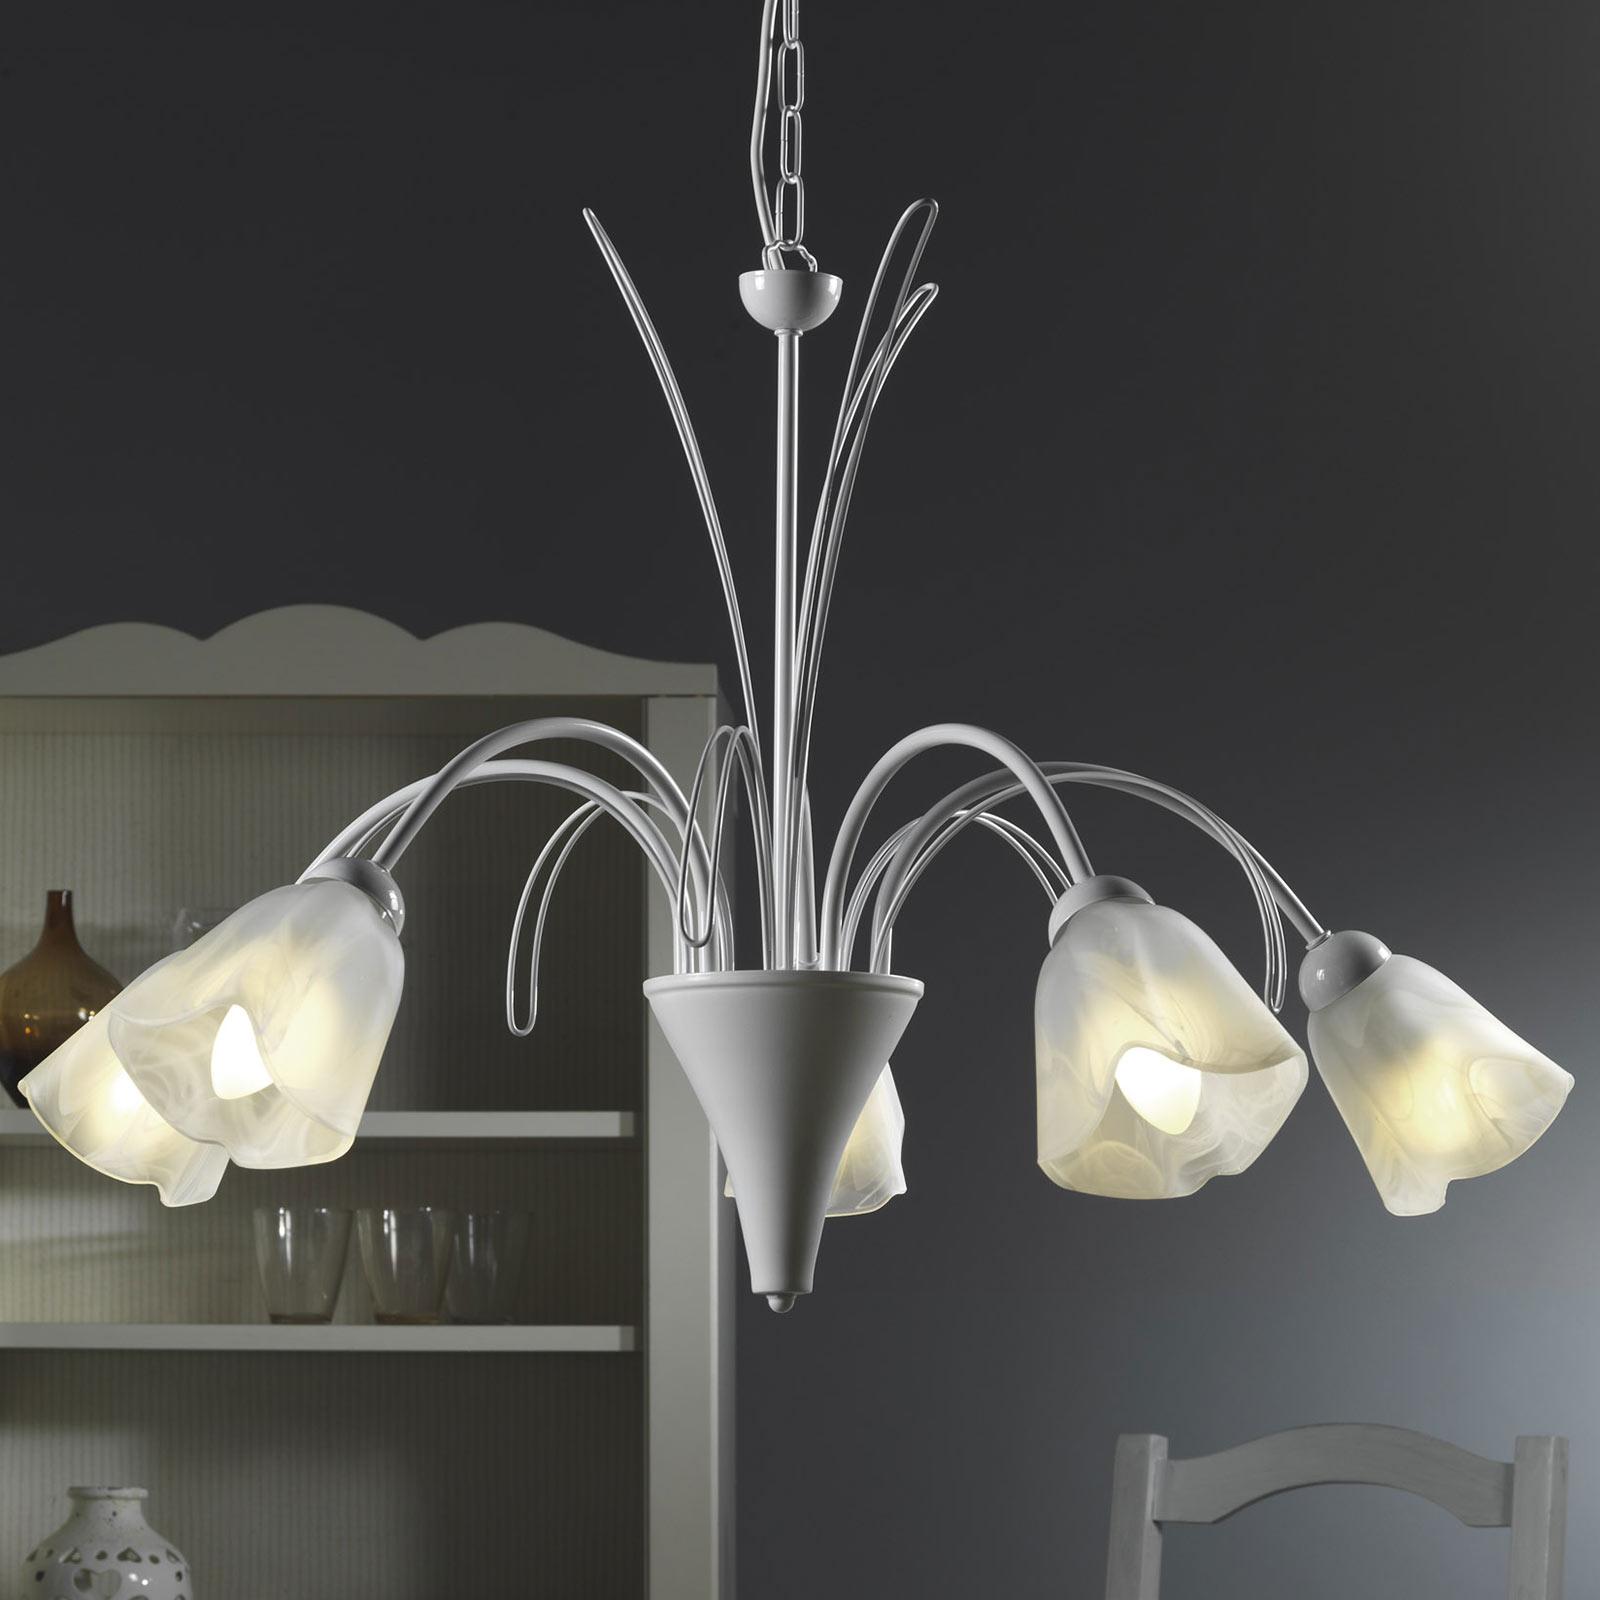 Lampa wisząca Antea 5 kloszy szkło alabastrowe